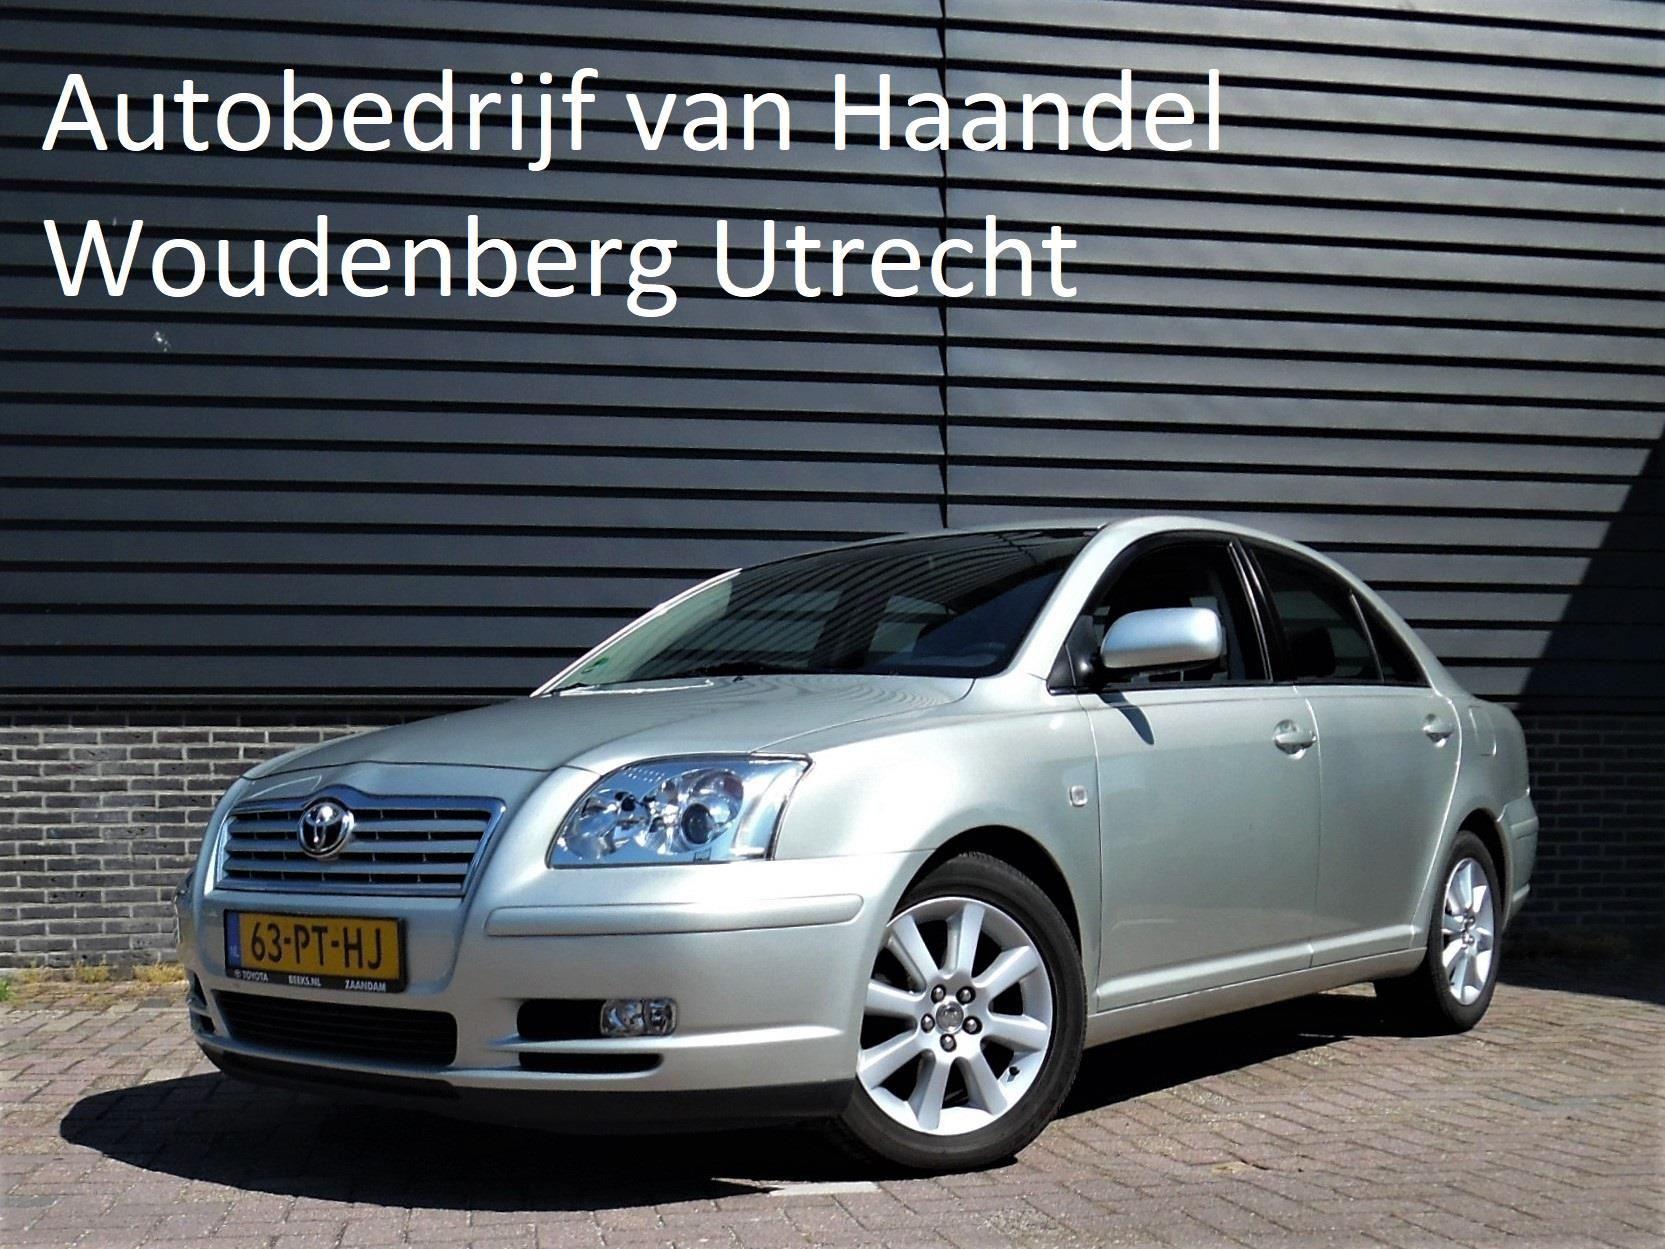 Toyota Avensis occasion - Autobedrijf Gerard van Haandel